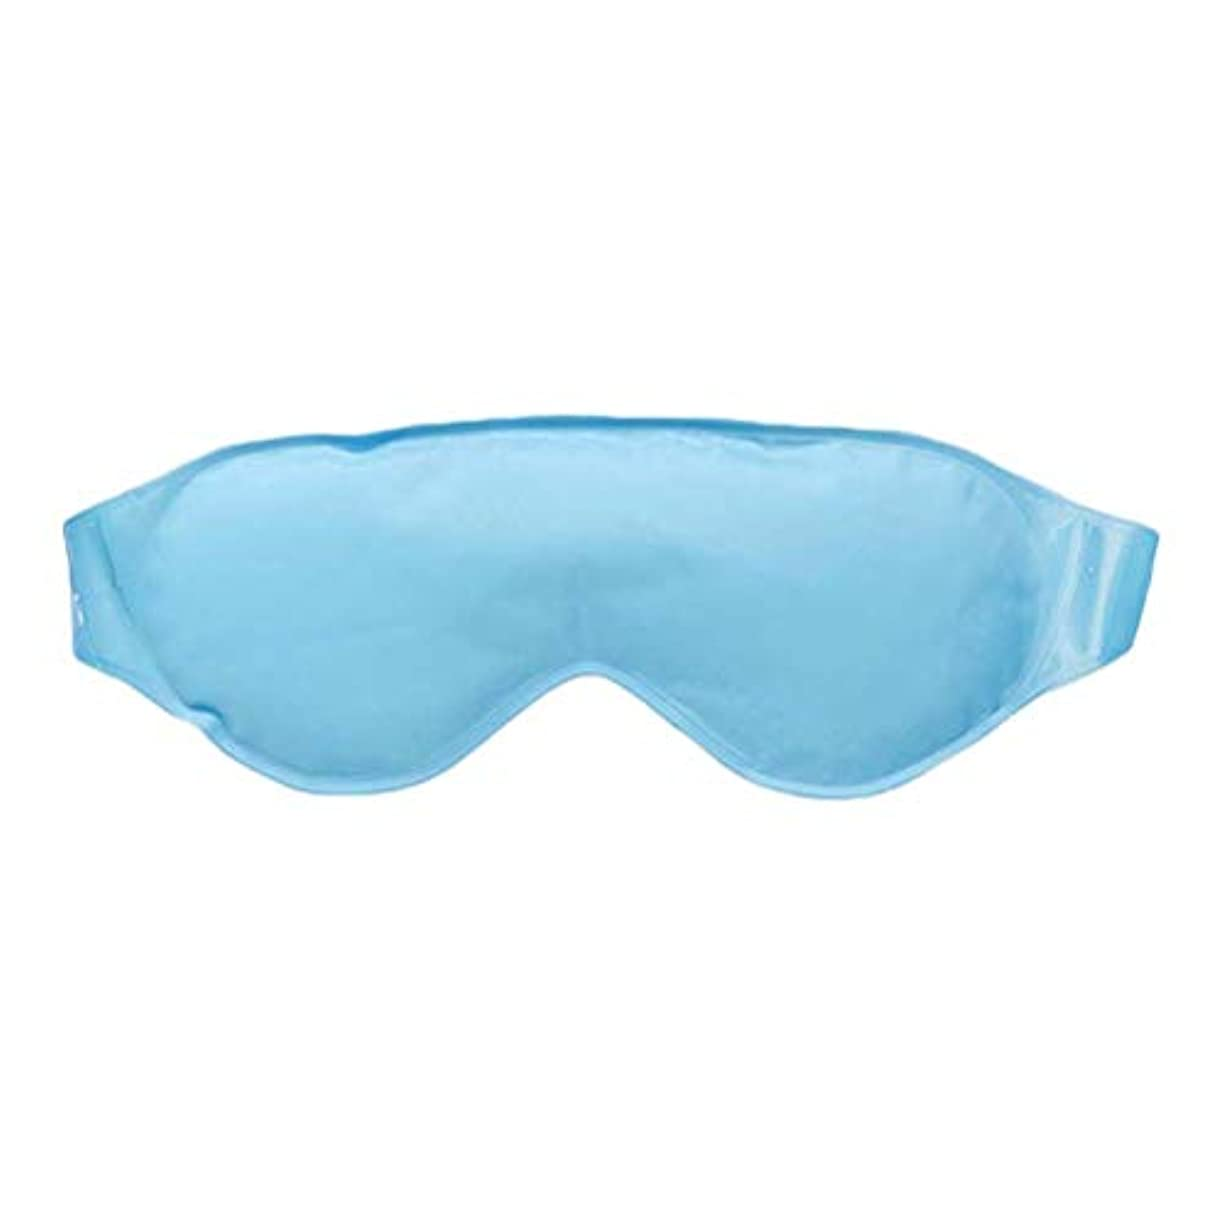 ビルマインタラクション現象Healifty アイスアイマスクパッチ夏目隠し冷却リラックスブラインドアイリラックスセラピーマスク